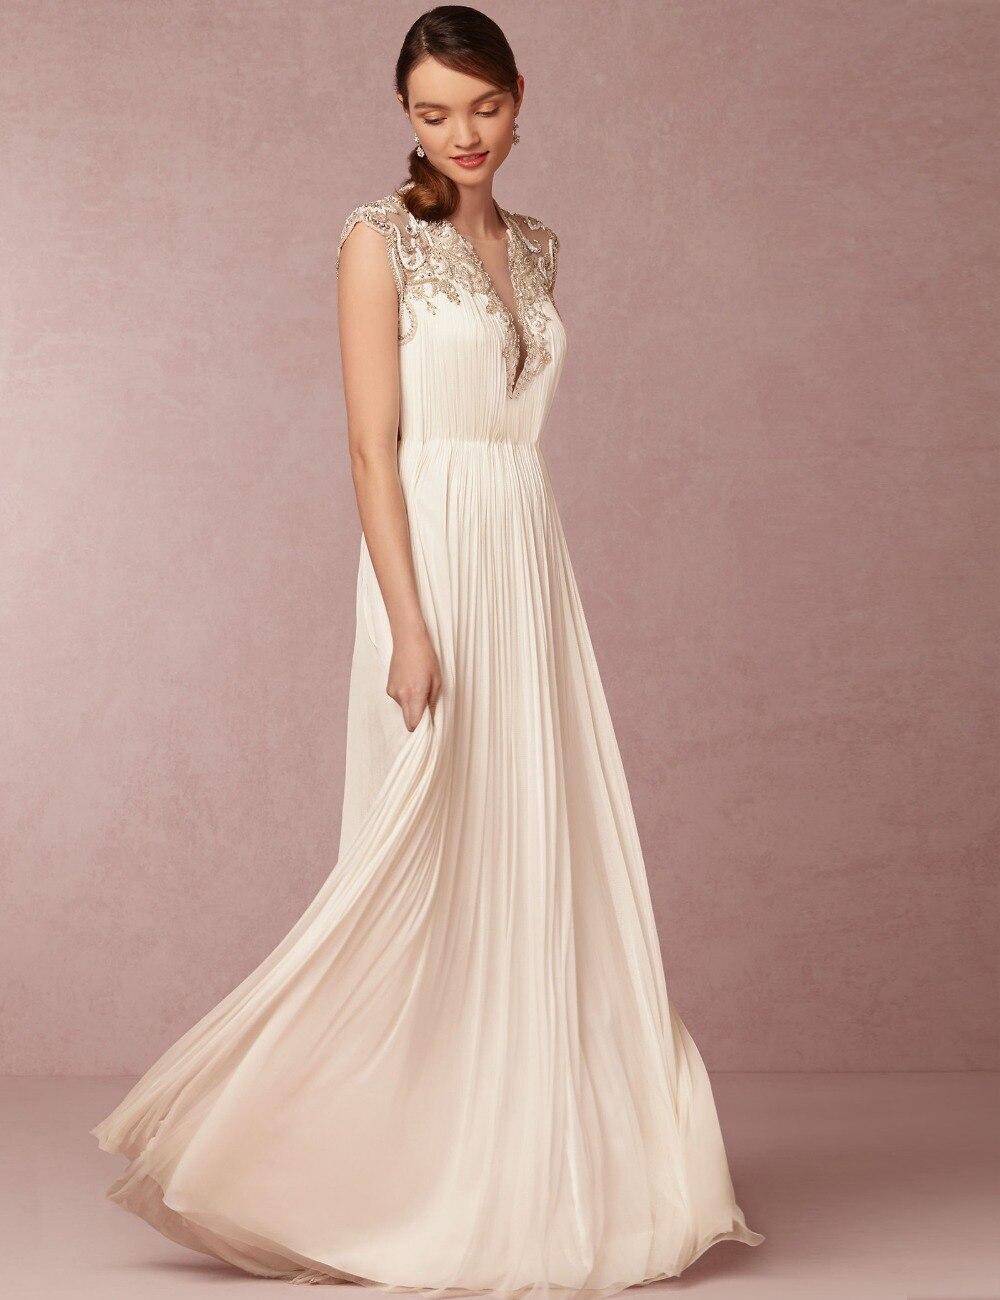 Online get cheap formal beach wedding dresses aliexpress for Formal dresses for weddings cheap